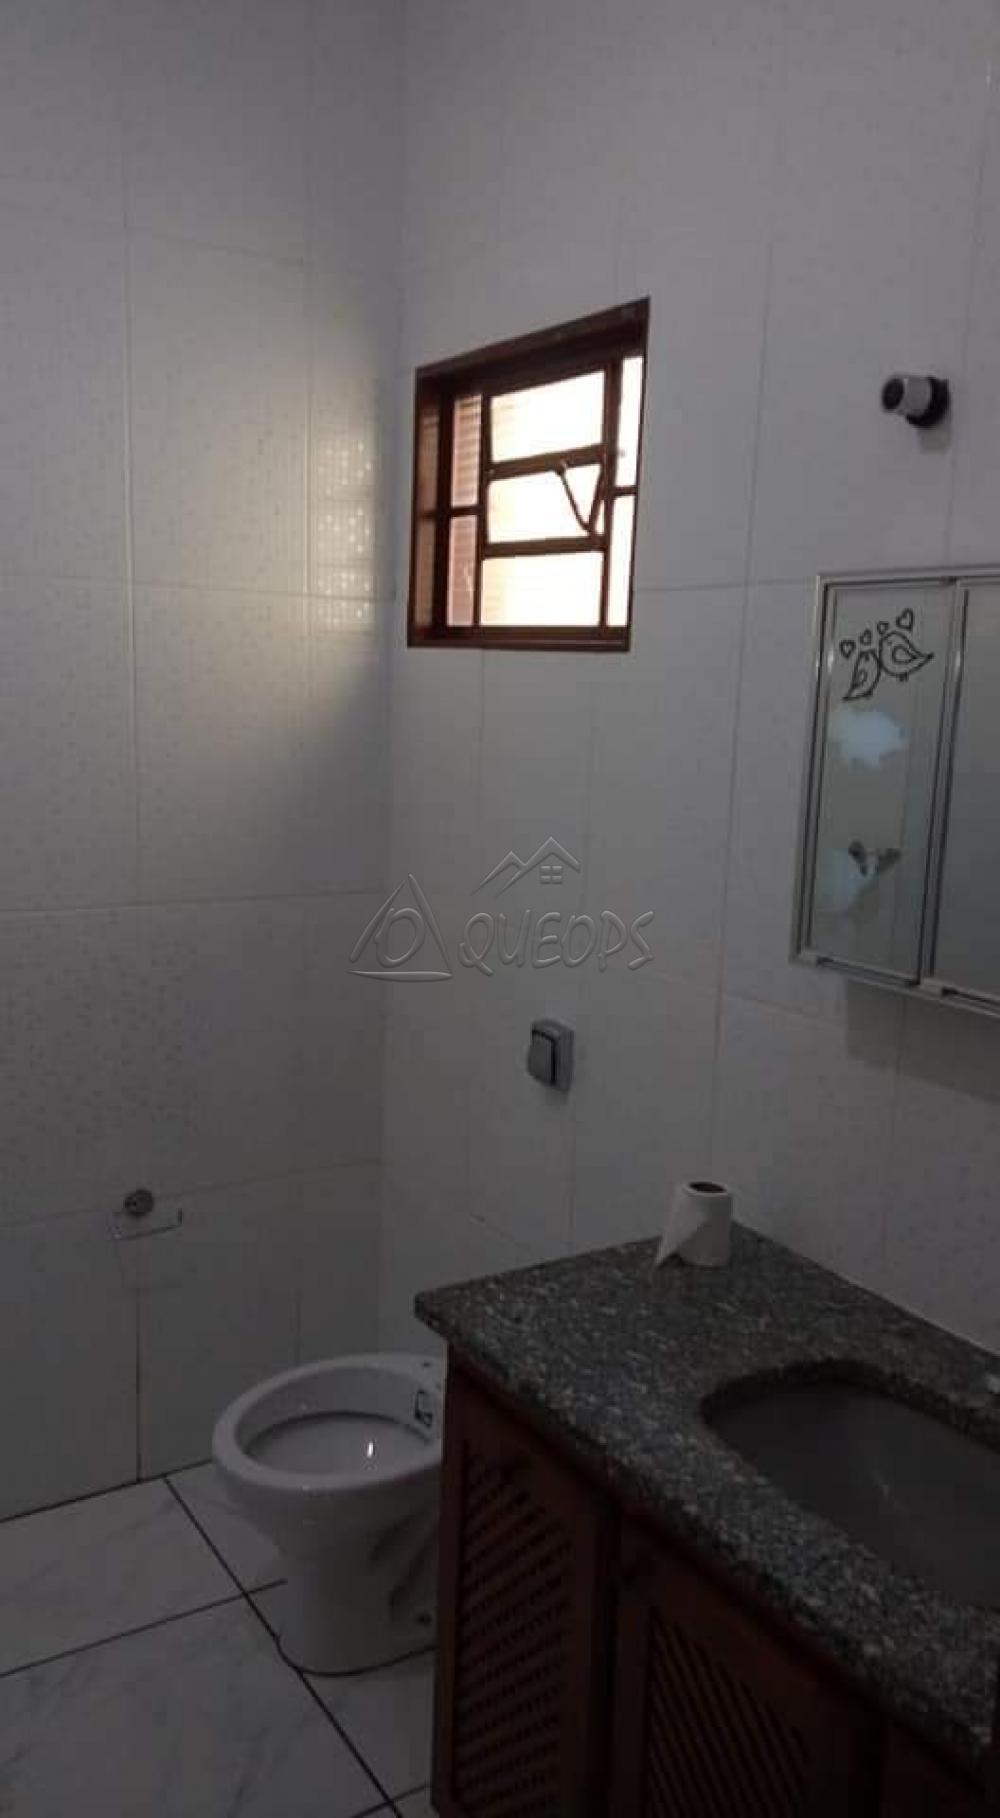 Comprar Casa / Padrão em Barretos apenas R$ 320.000,00 - Foto 12